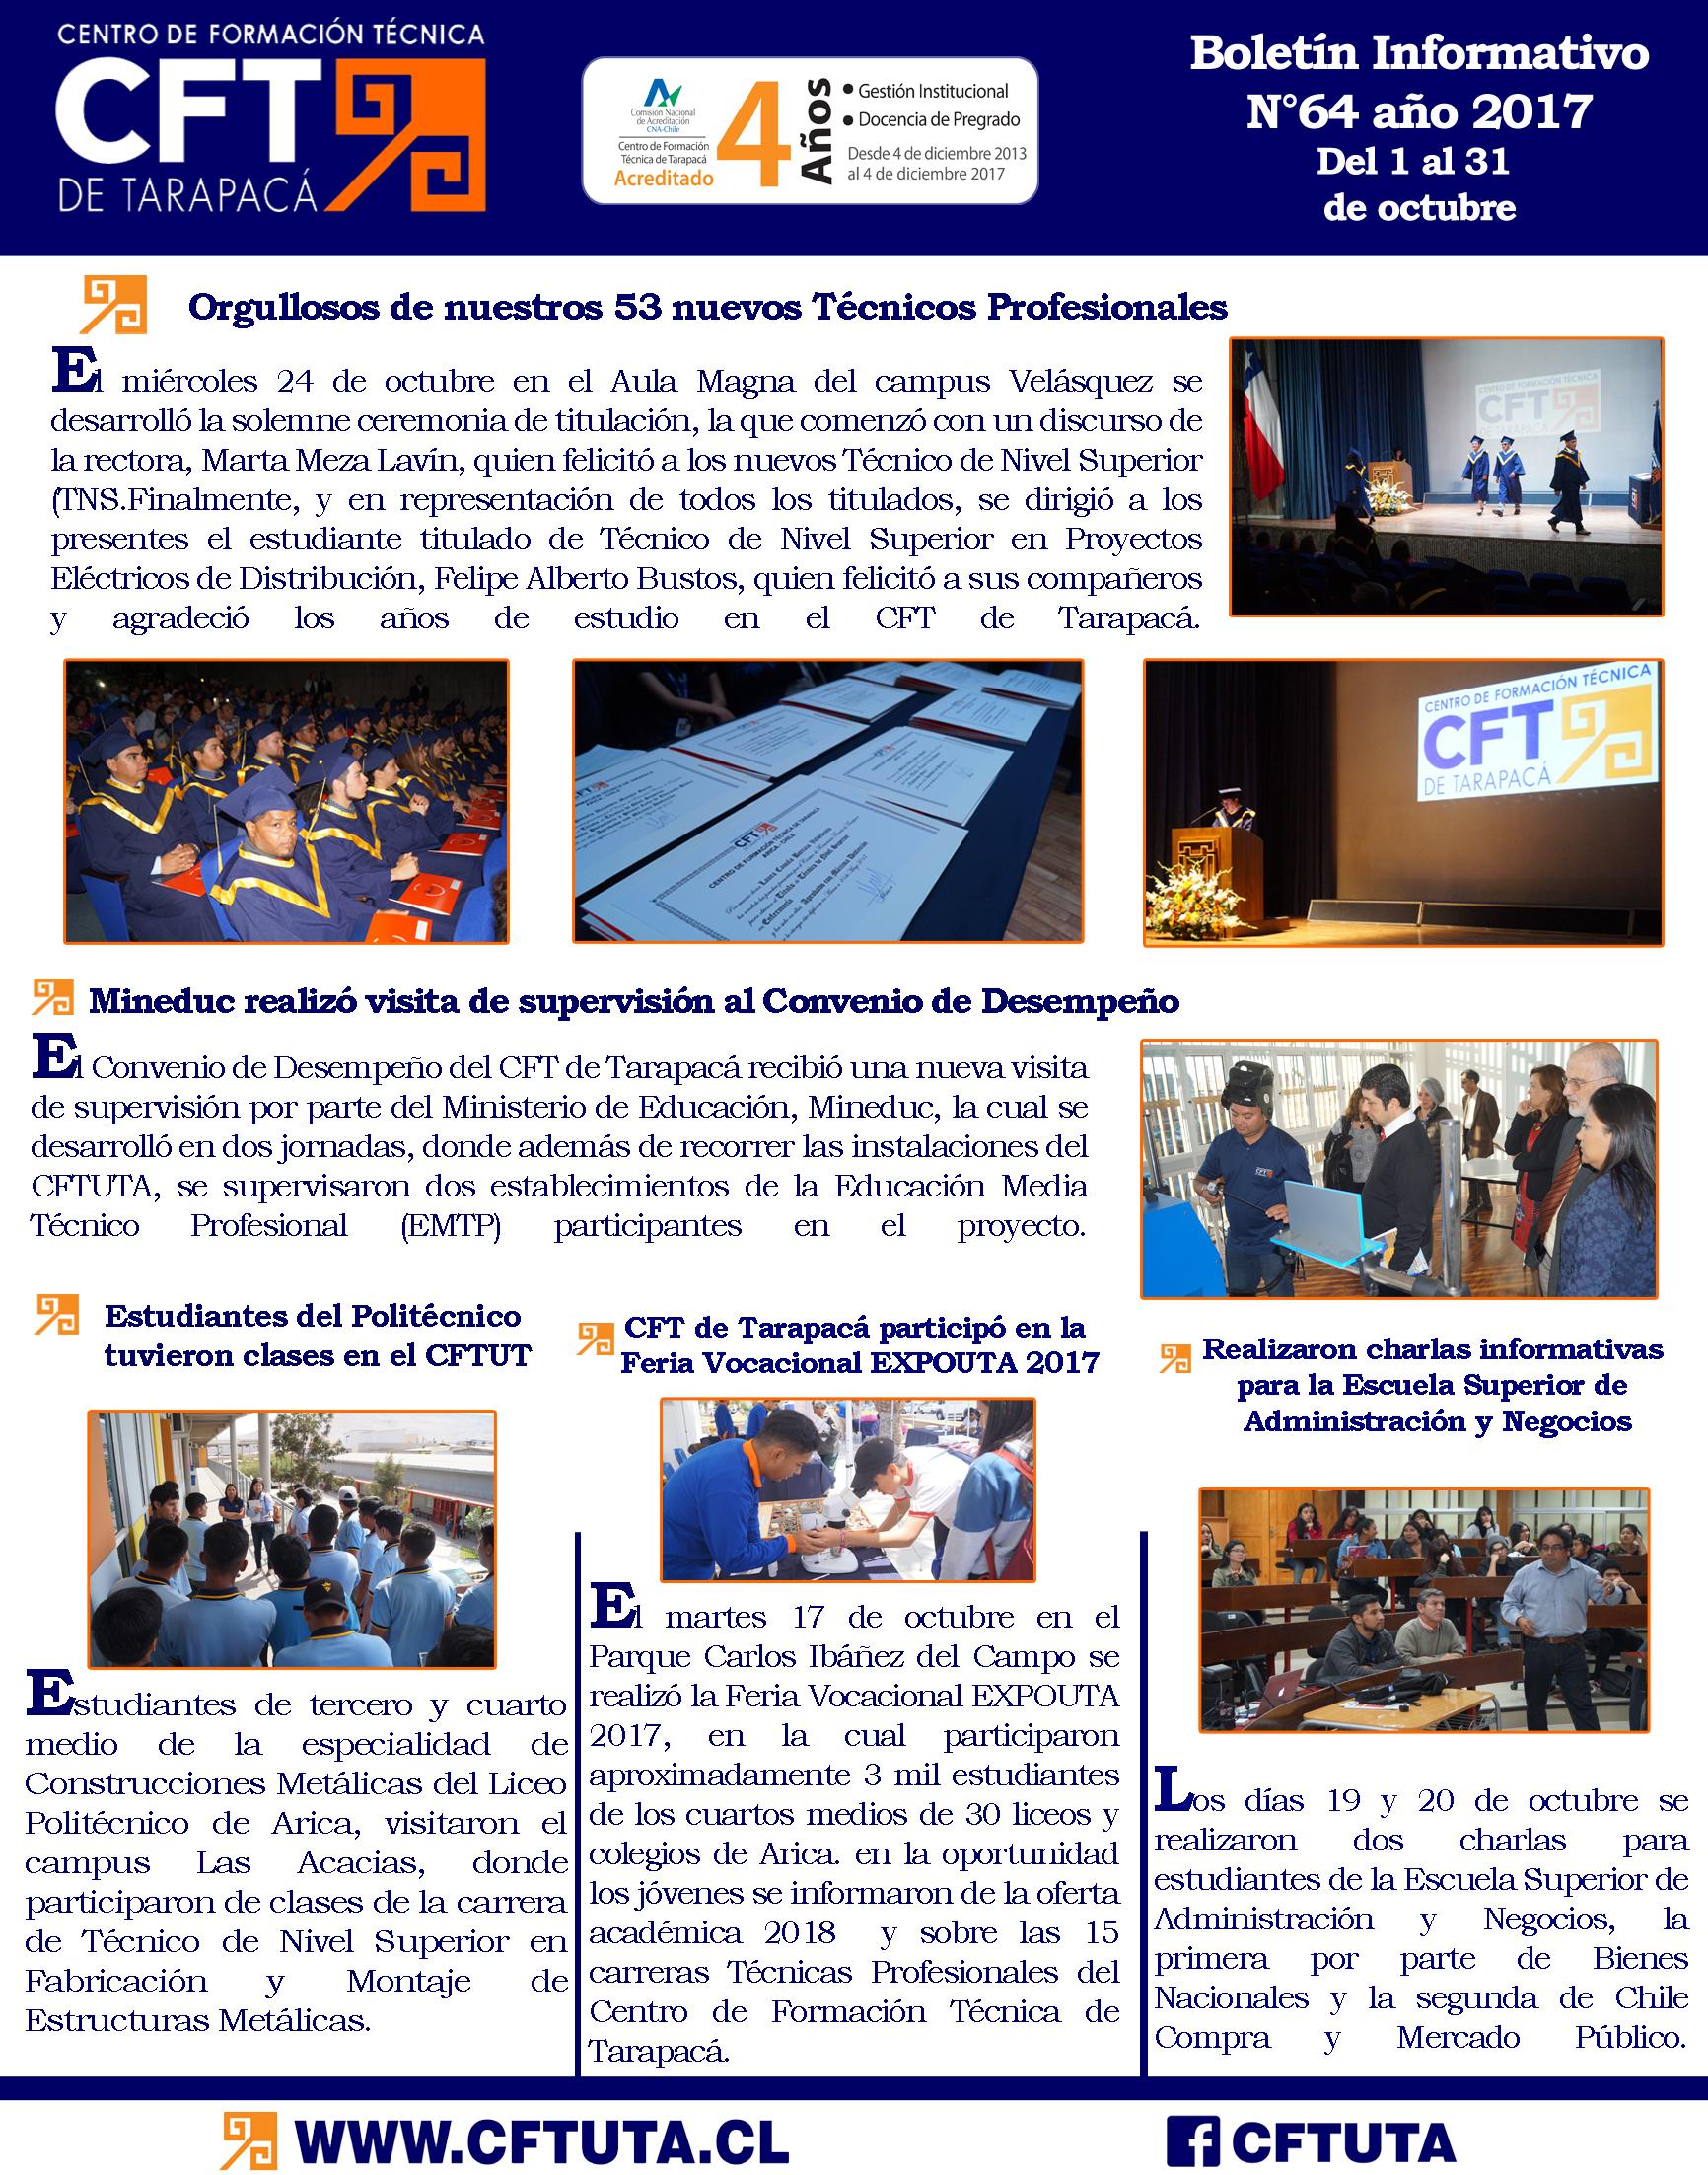 Boletín N°64 CFT de Tarapacá